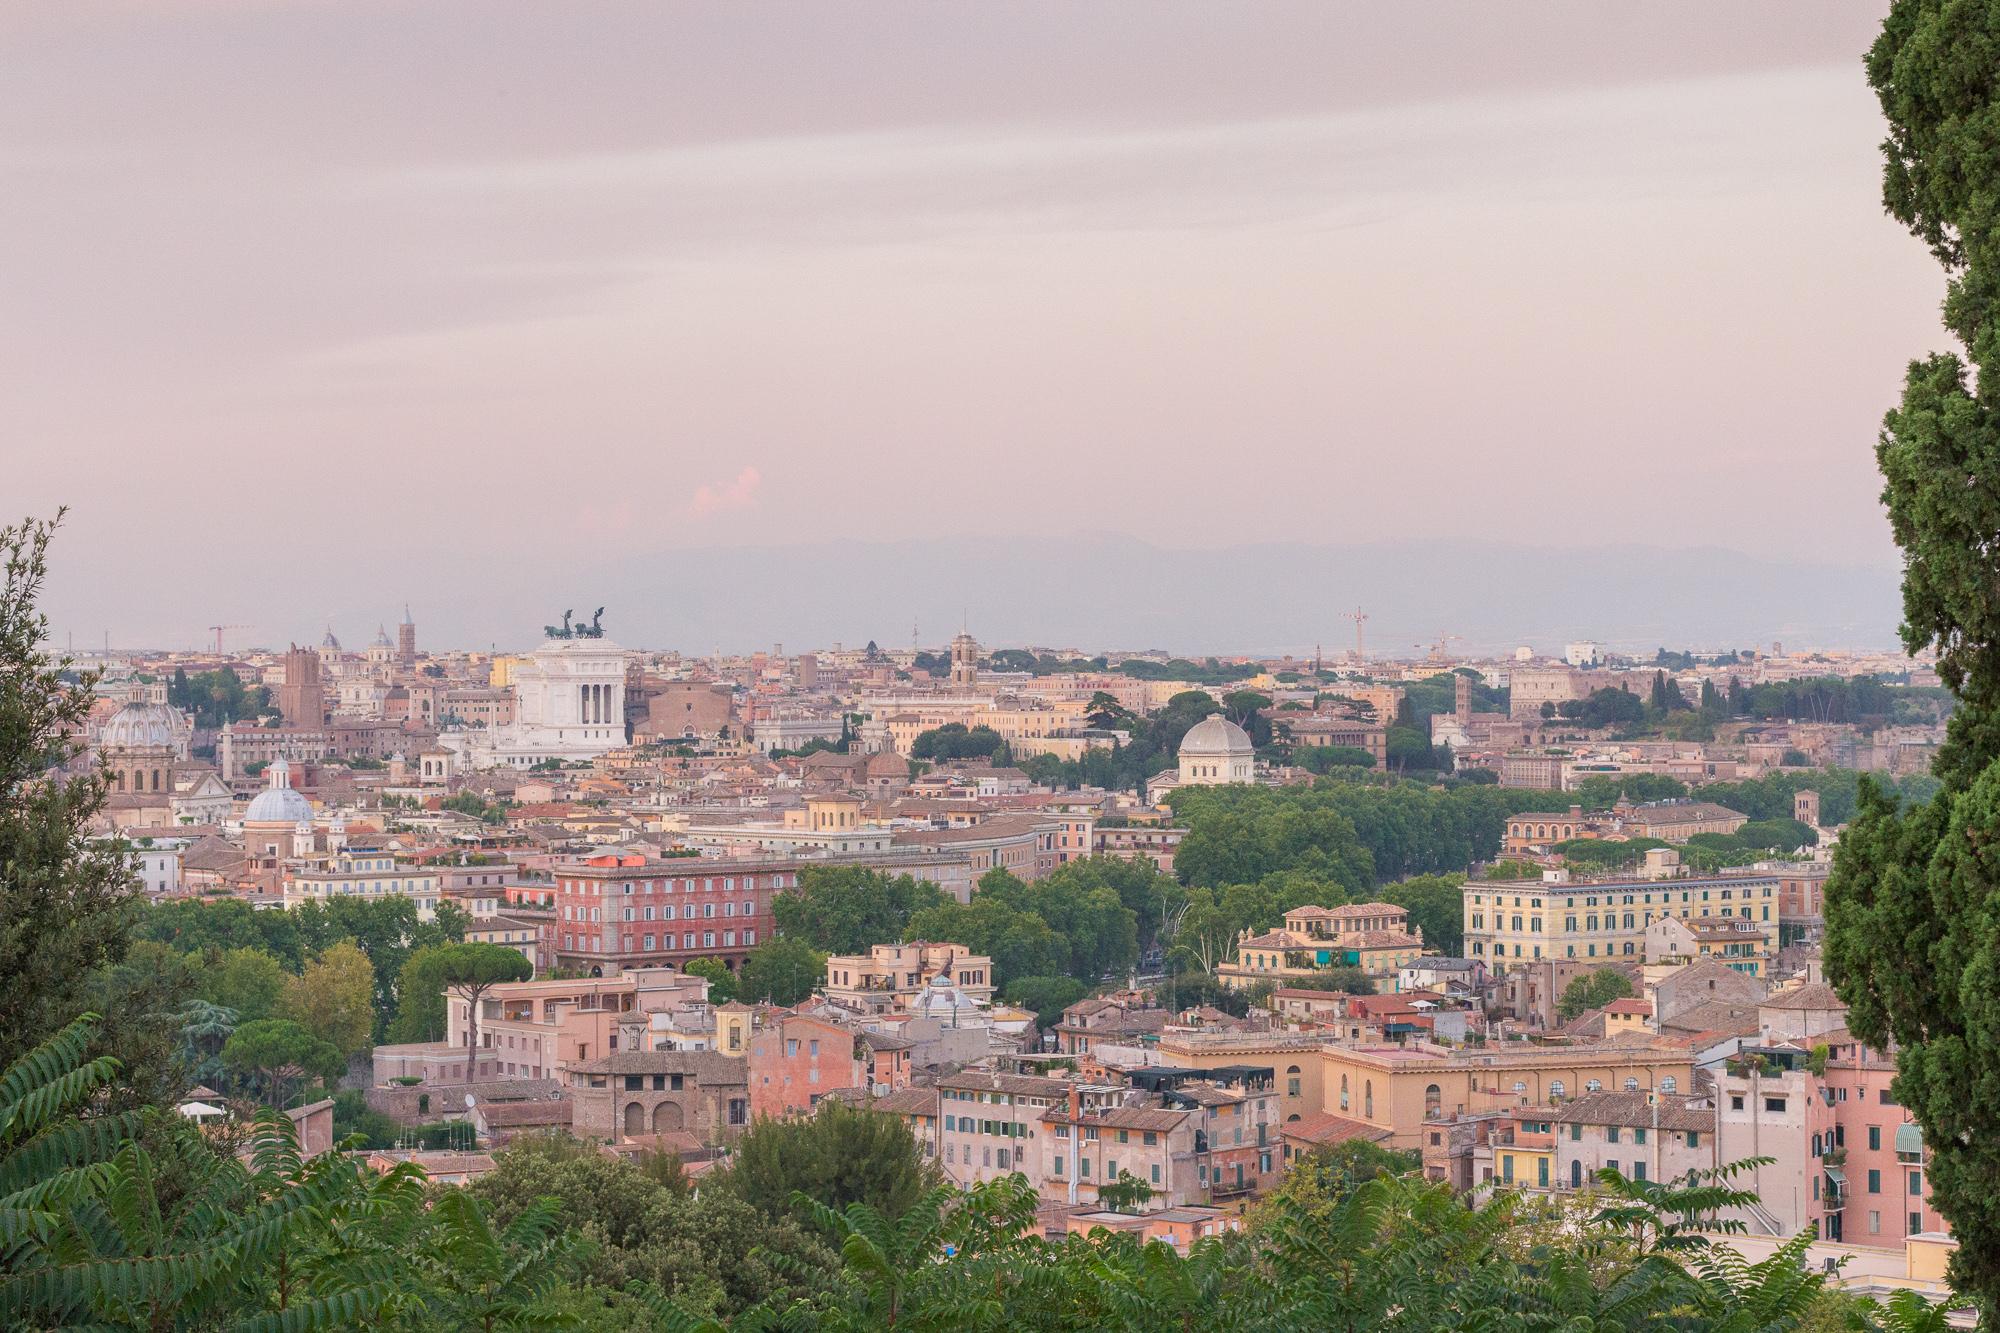 Coucher de soleil sur Rome depuis la colline du Janicule, Italie